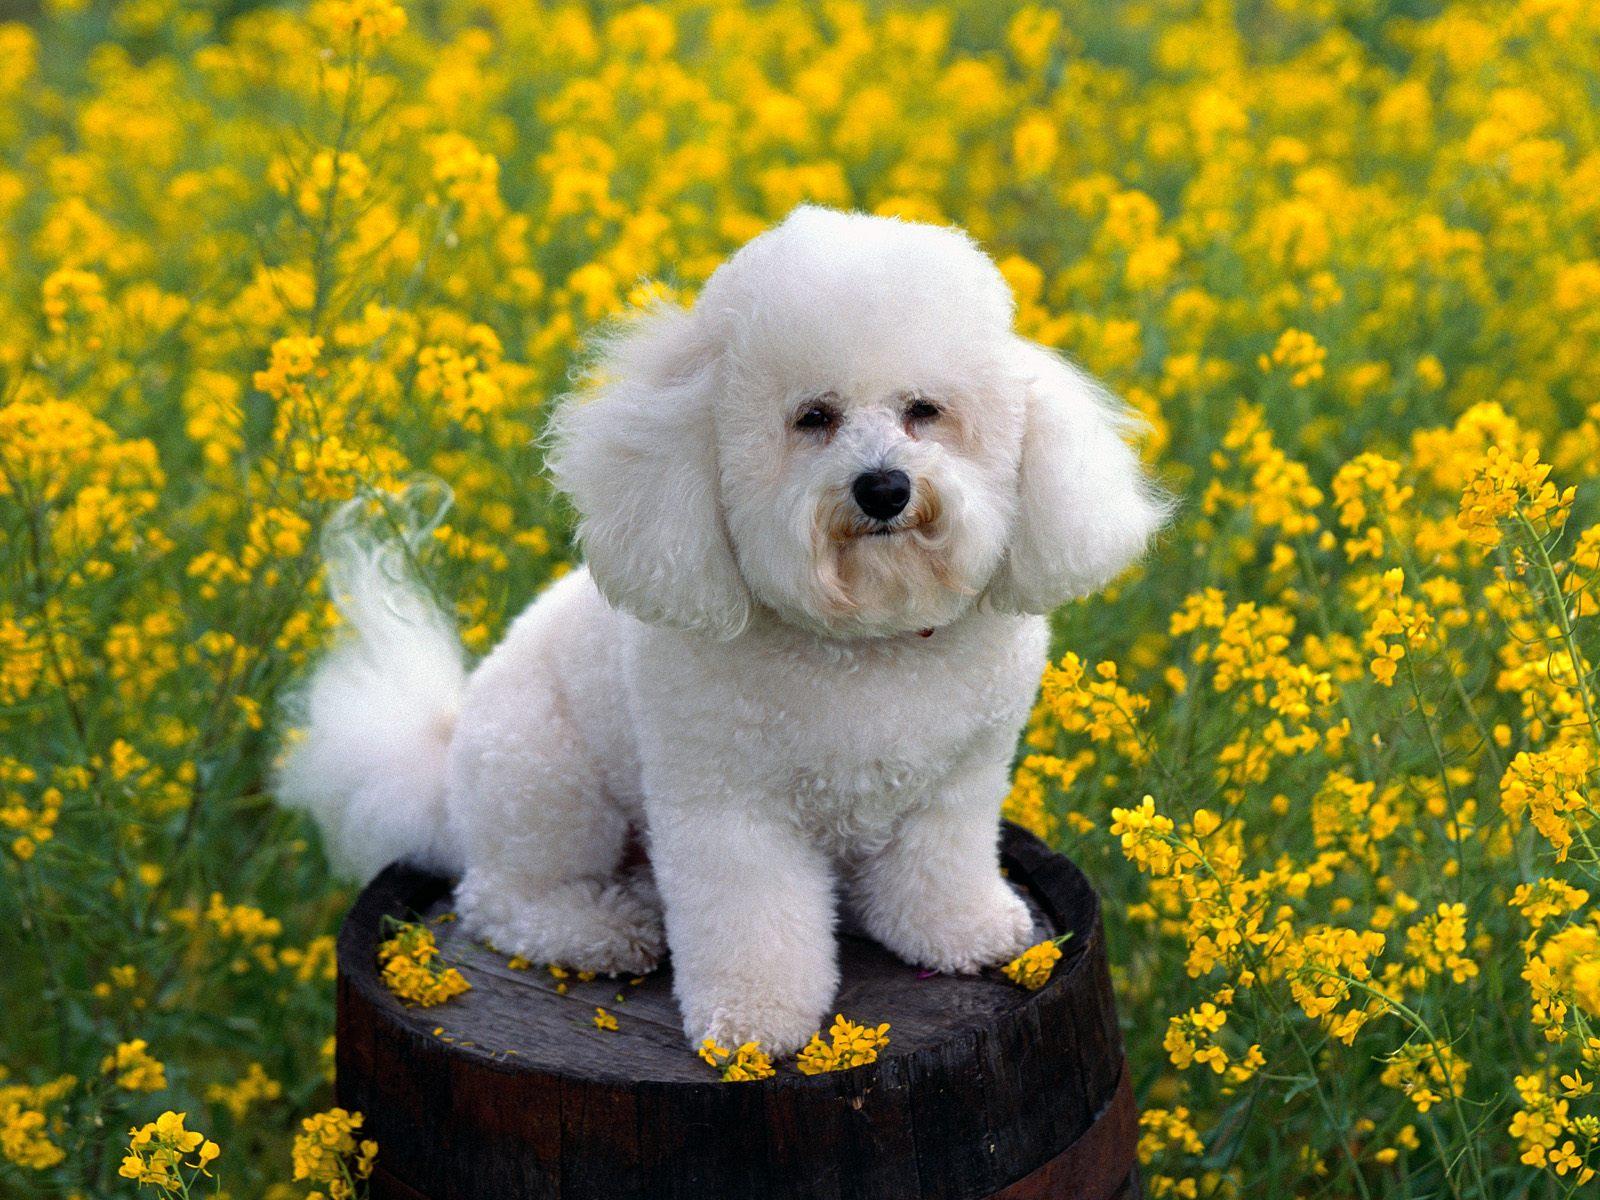 bichon frisé dogs pictures